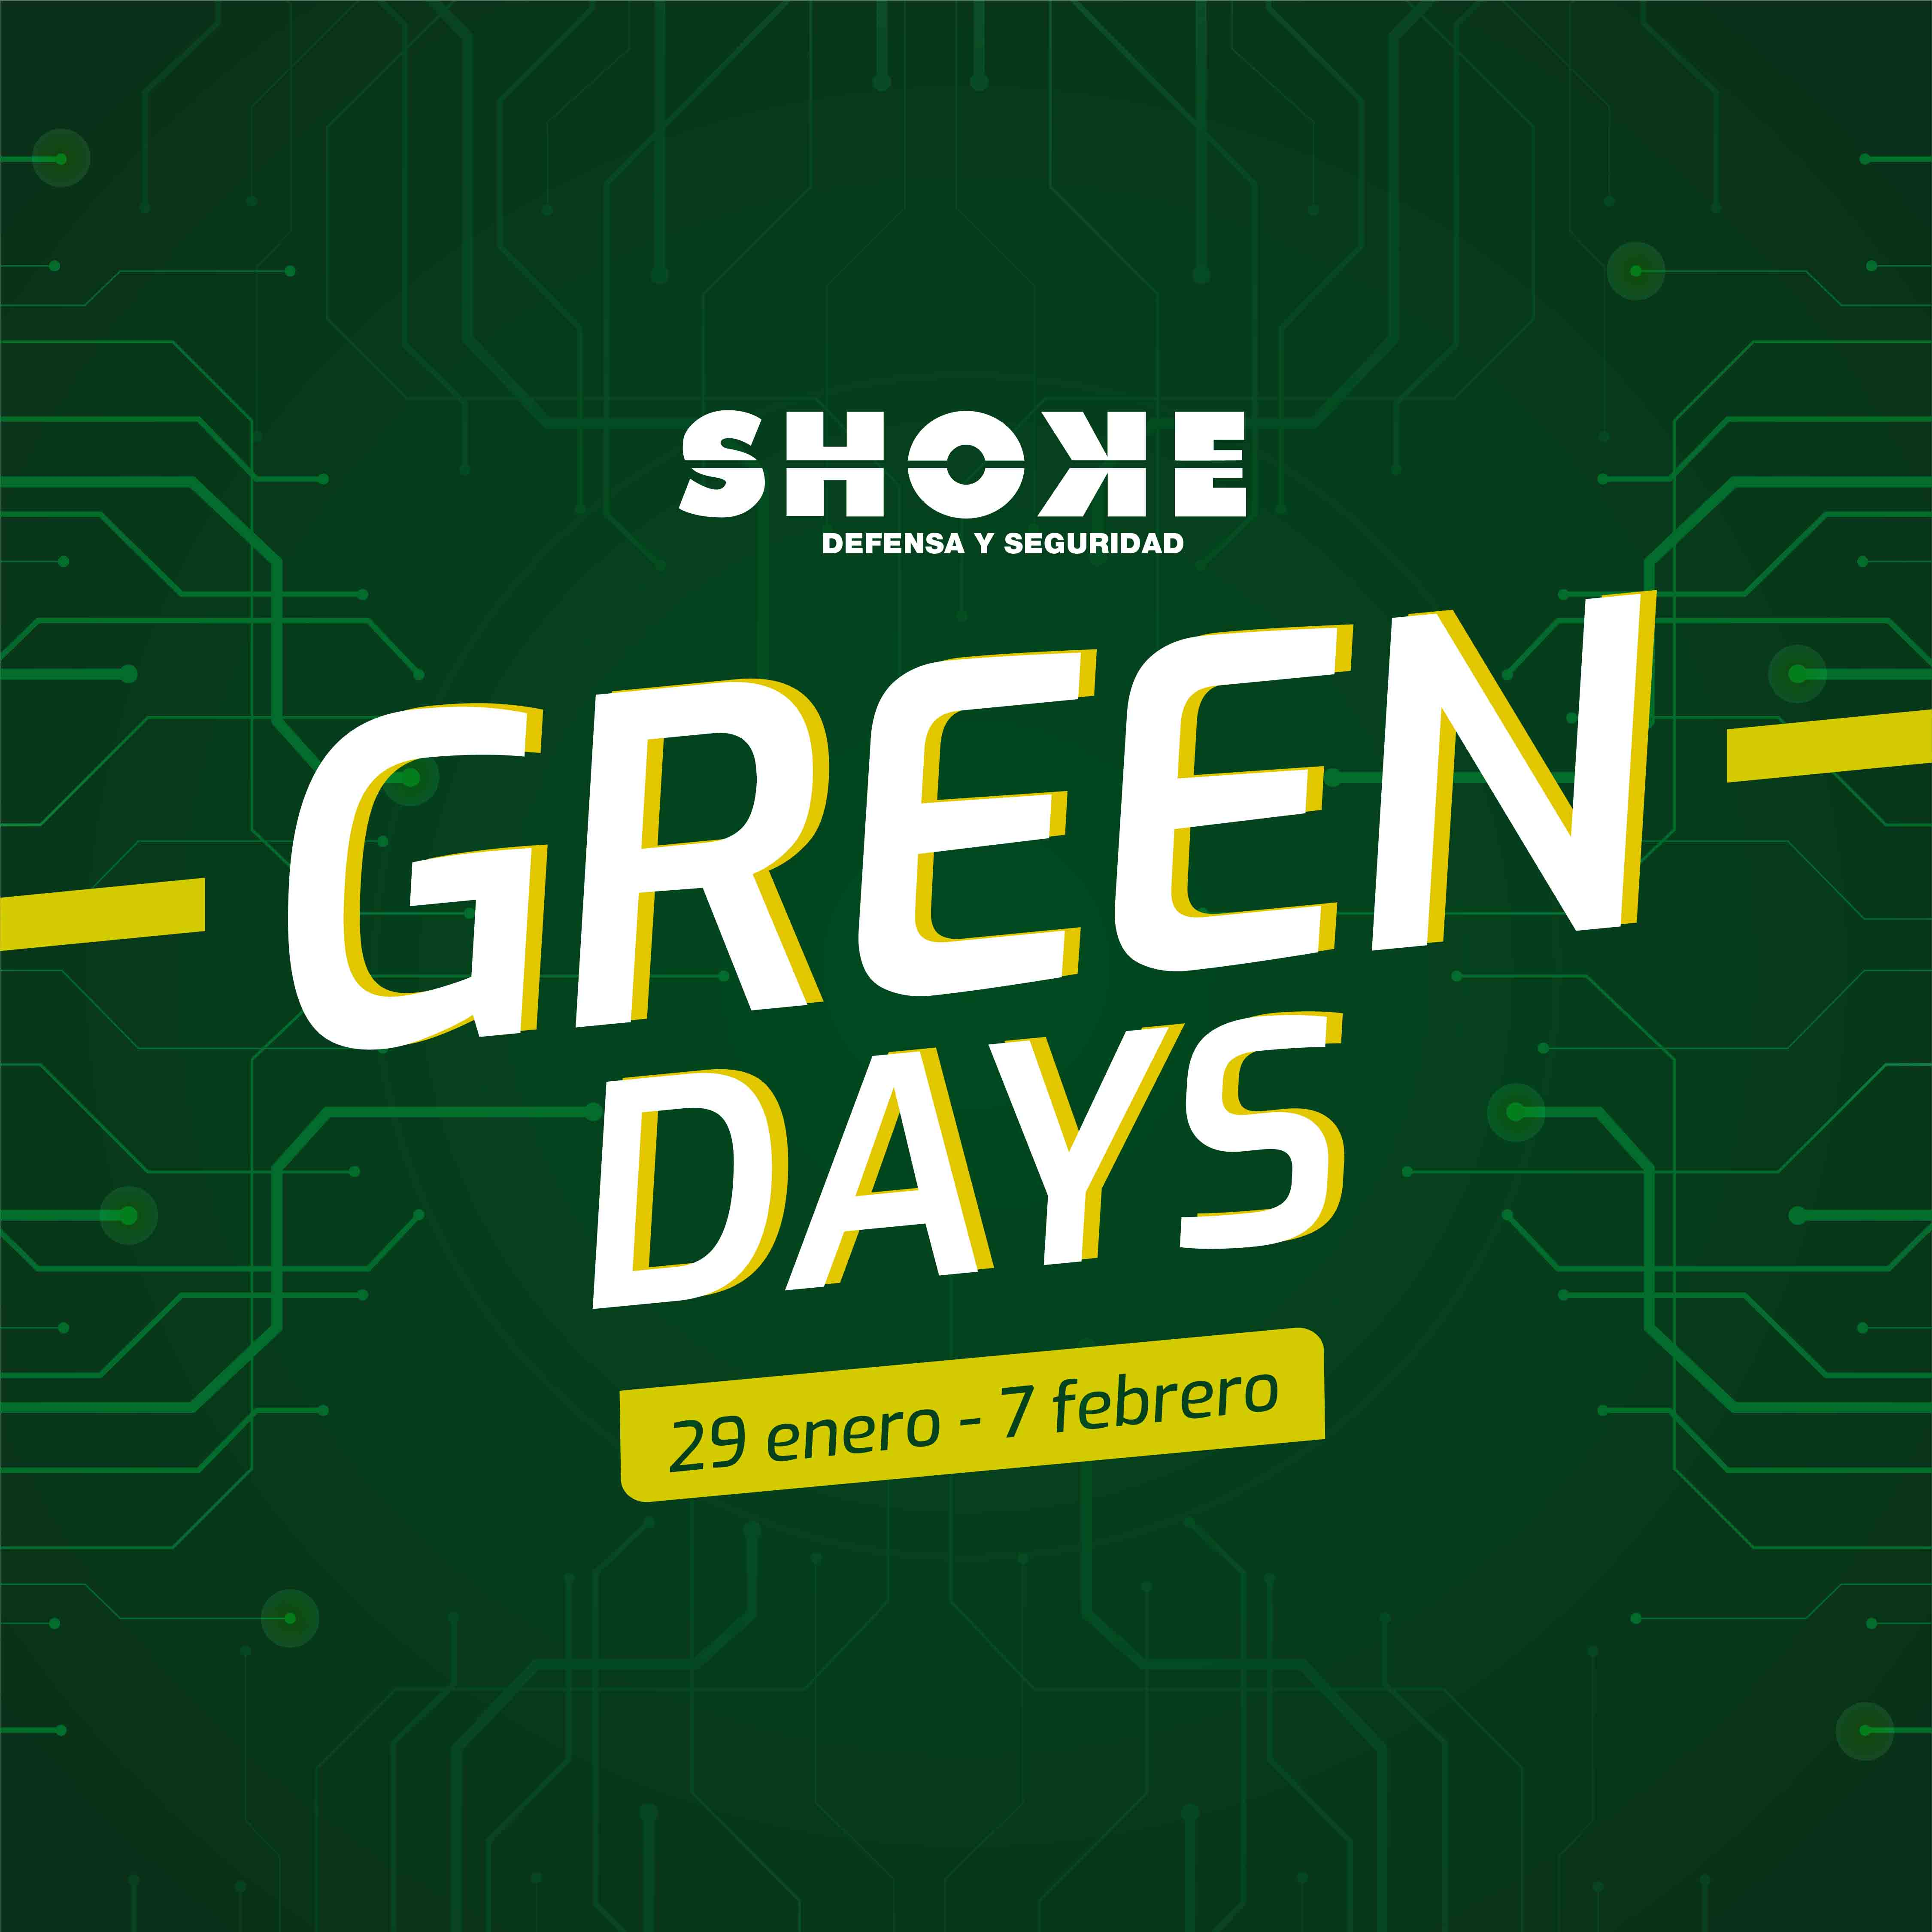 Vuelven los Green Days: ¡vuelven los descuentazos a Tienda Shoke!